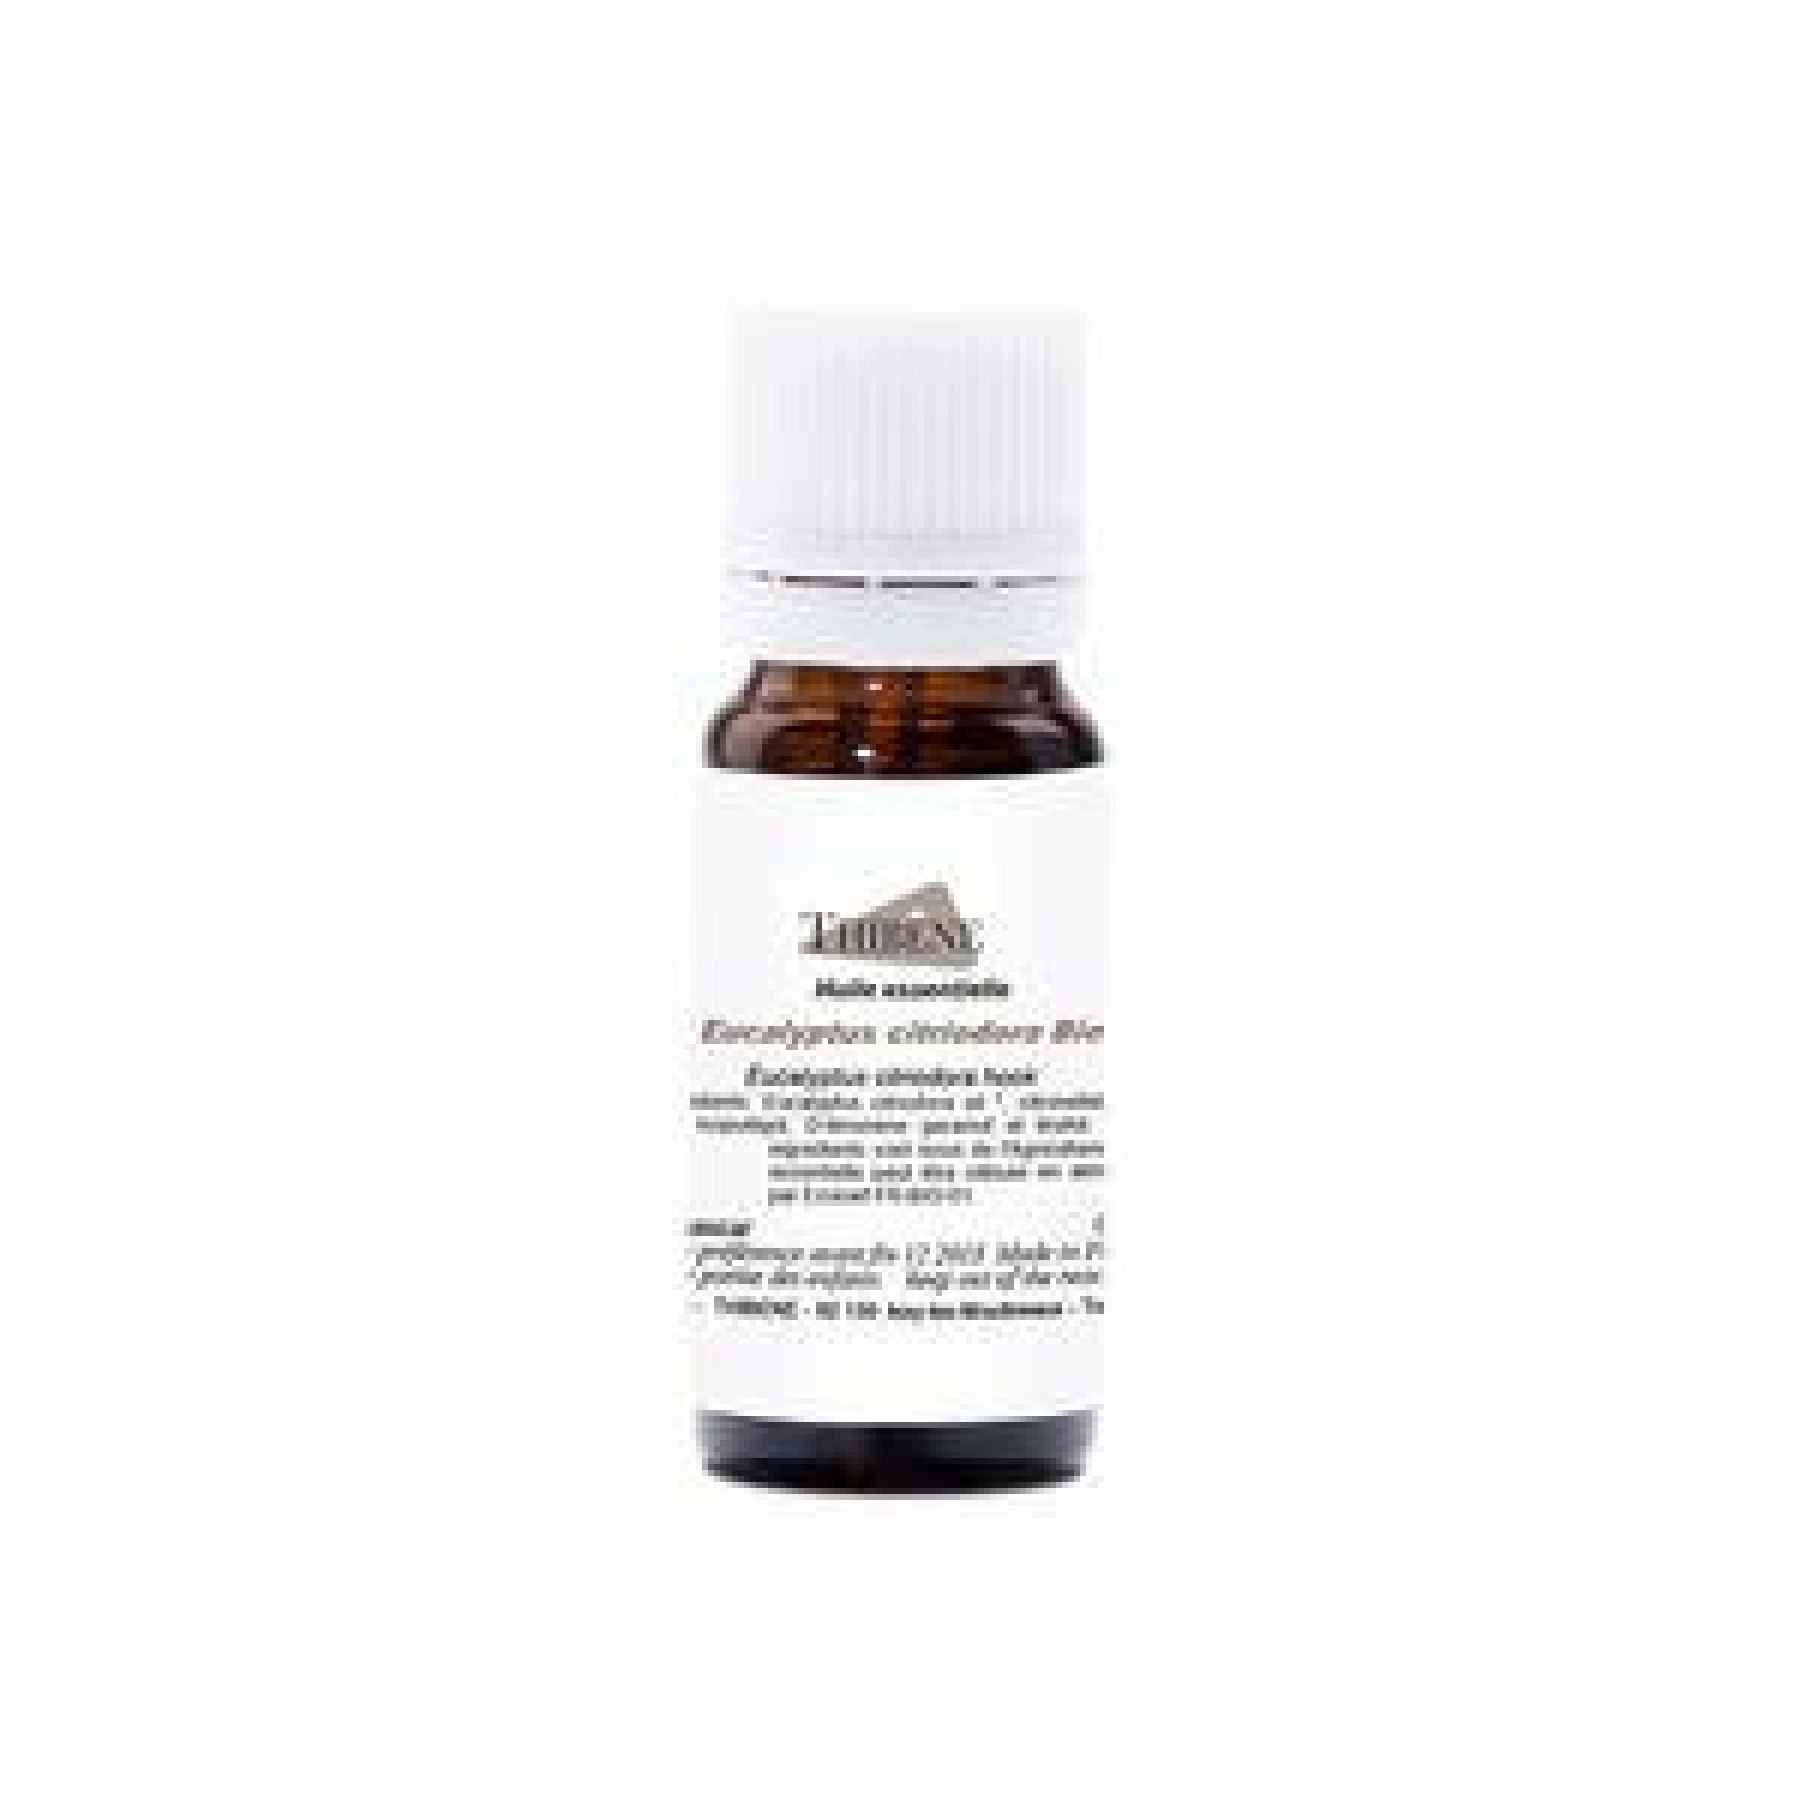 Huile Essentielle d'Eucalyptus Citriodora Bo 10 ml